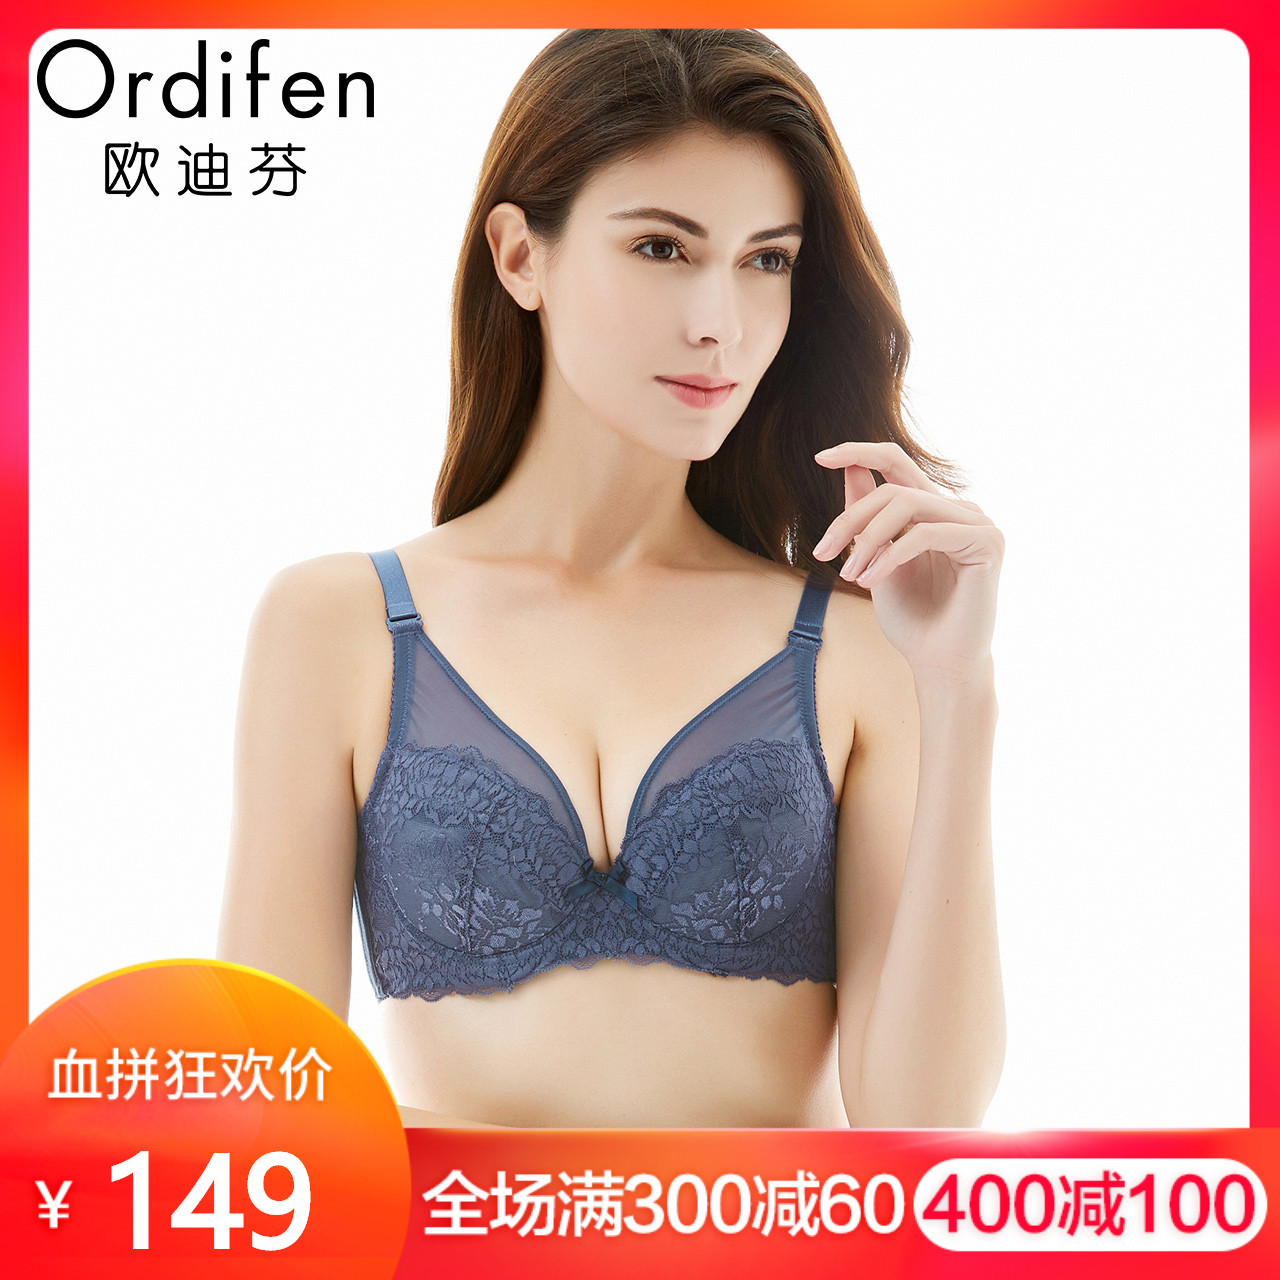 欧迪芬蕾丝胸罩薄款性感内衣聚拢文胸美背奶罩大码胸衣XA13508Y